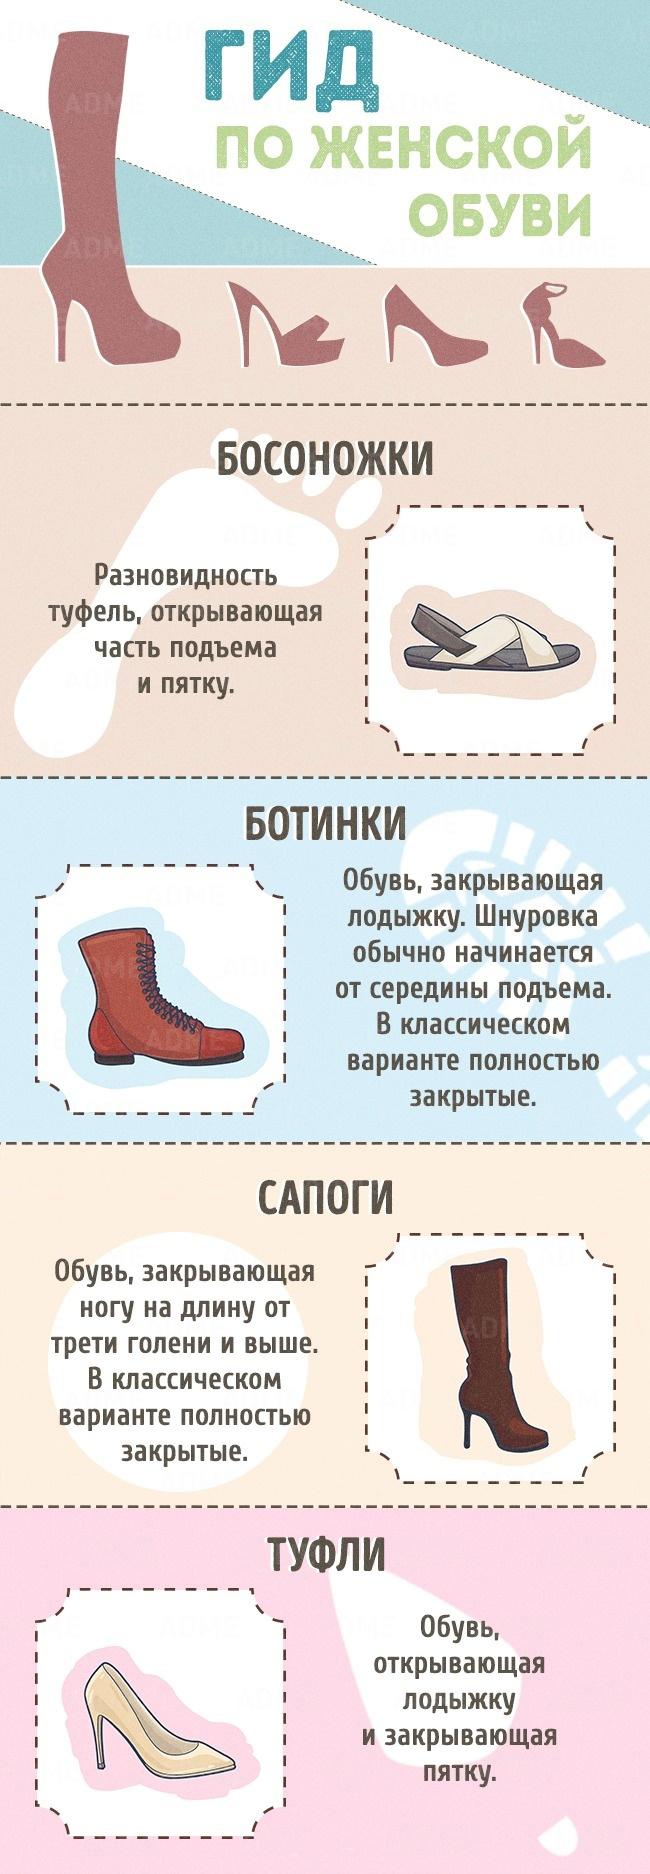 обувь-с-чем-сочетать.jpg